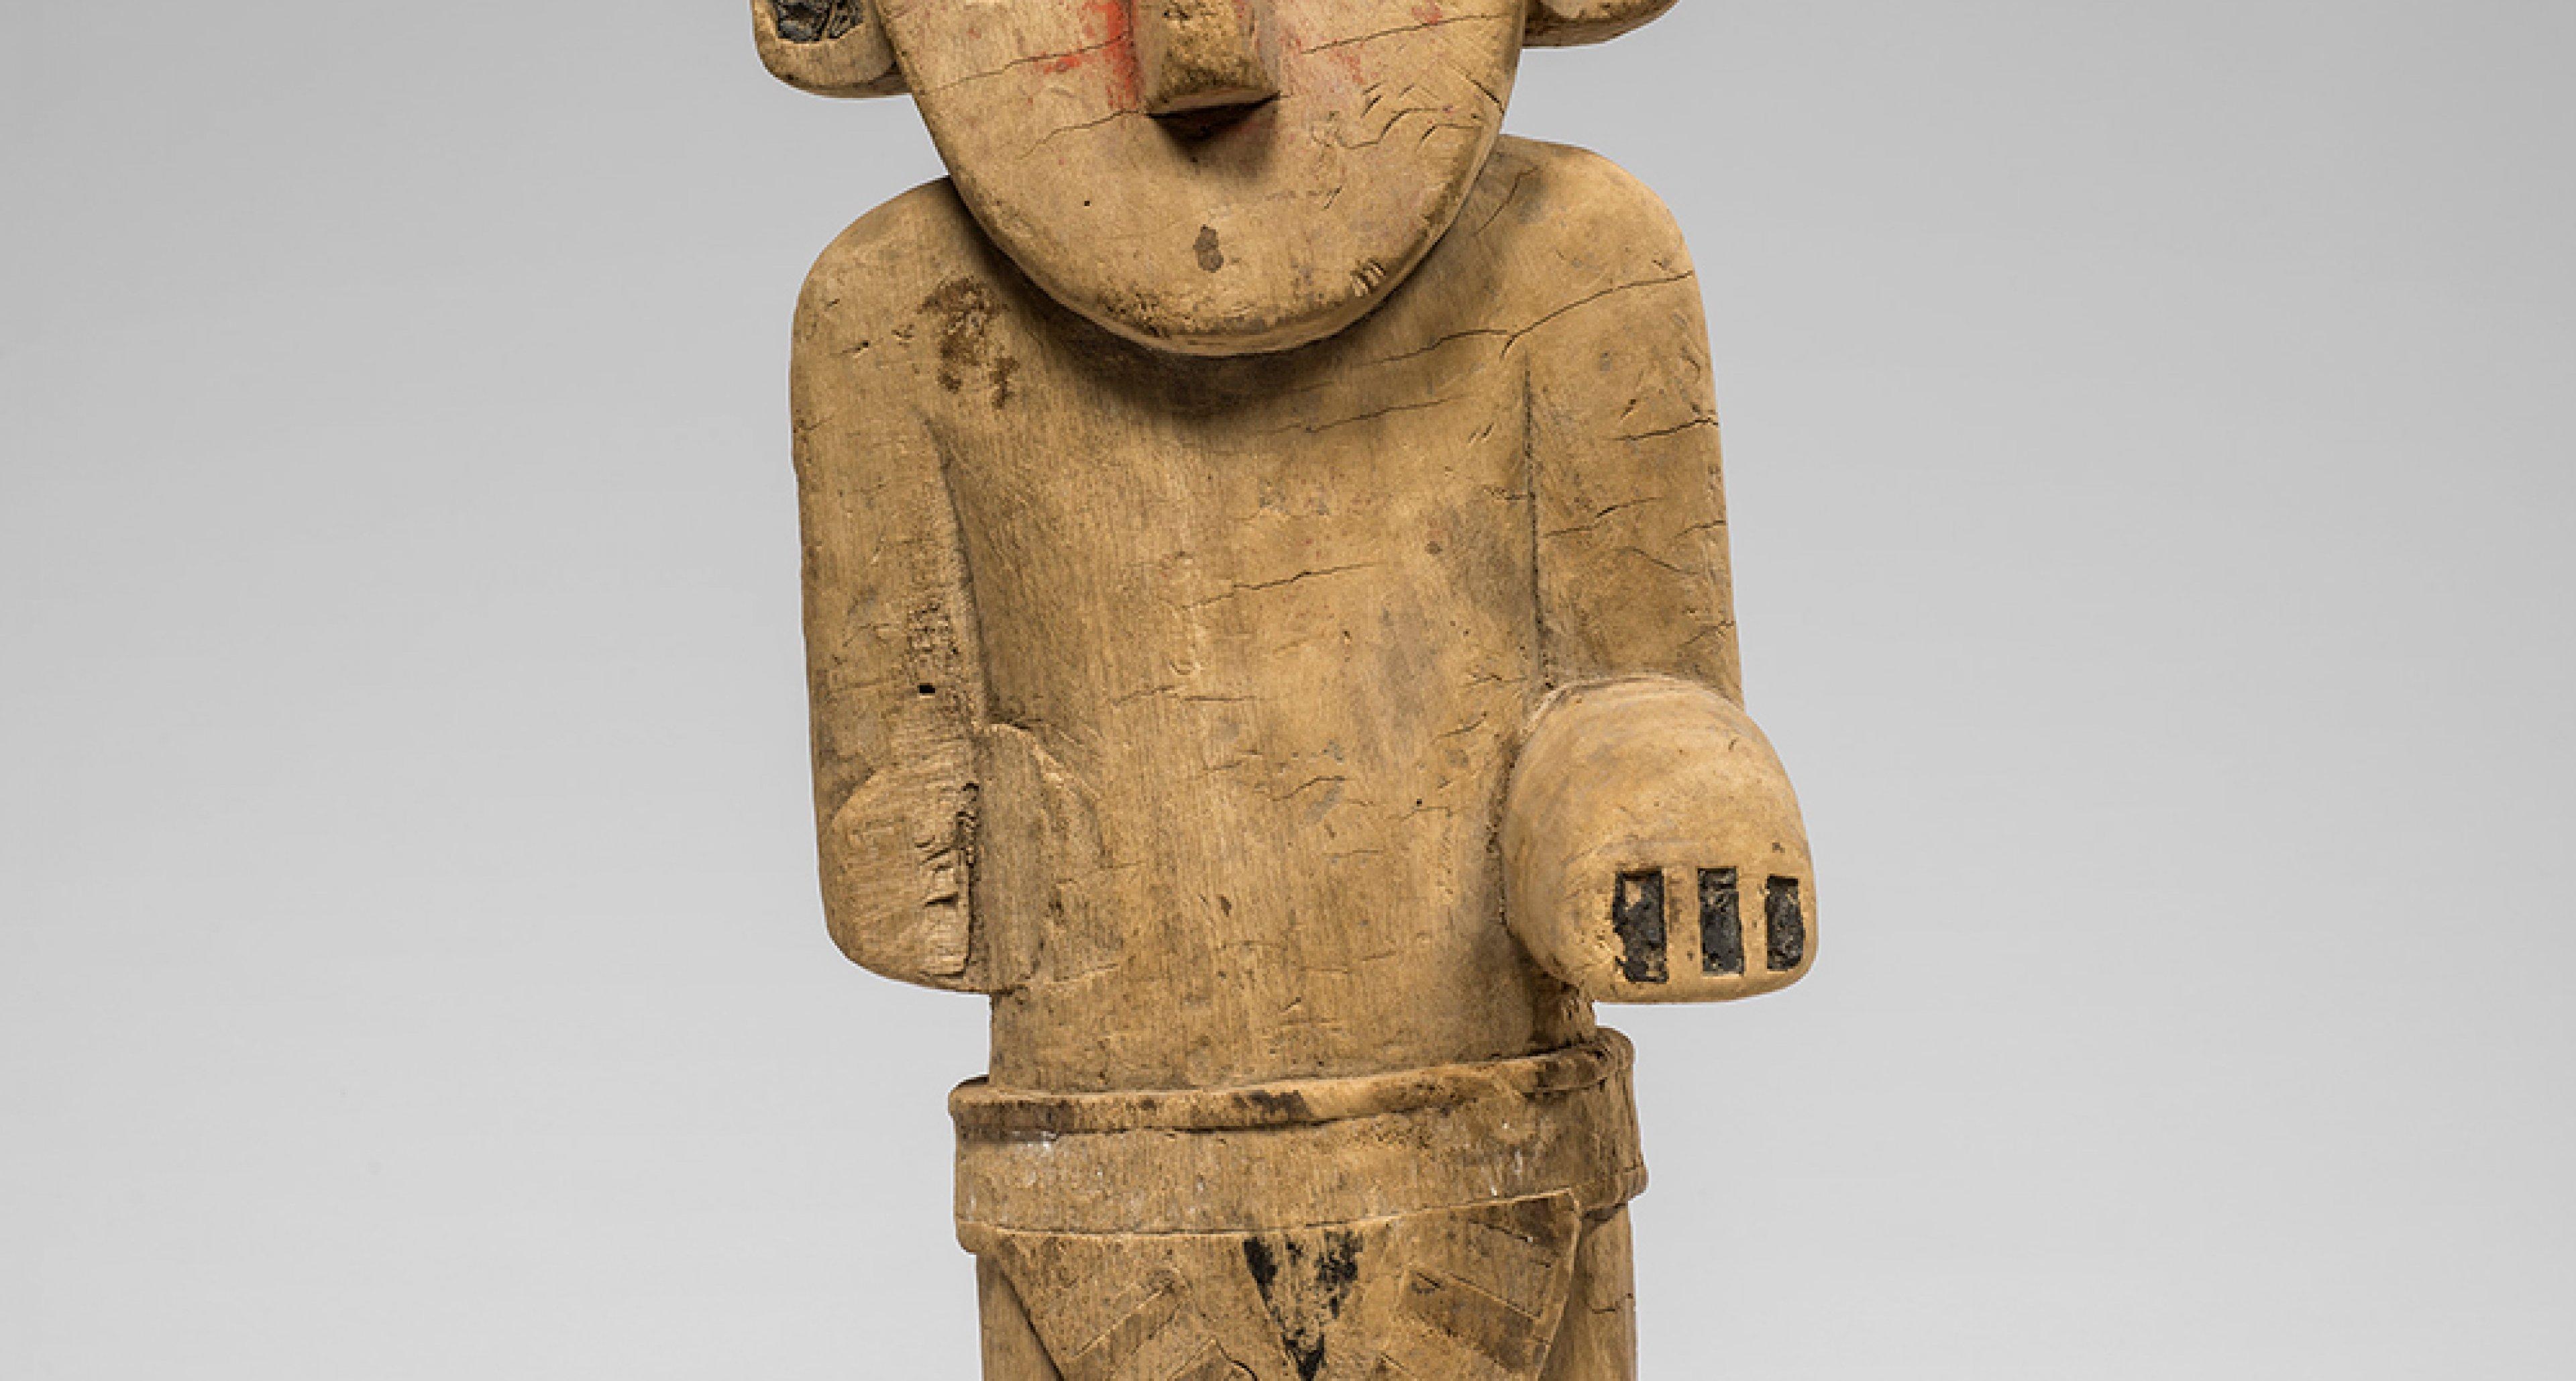 Culture Chimu, Pérou Statuette. © Musées royaux d'Art et d'Histoire, Bruxelles